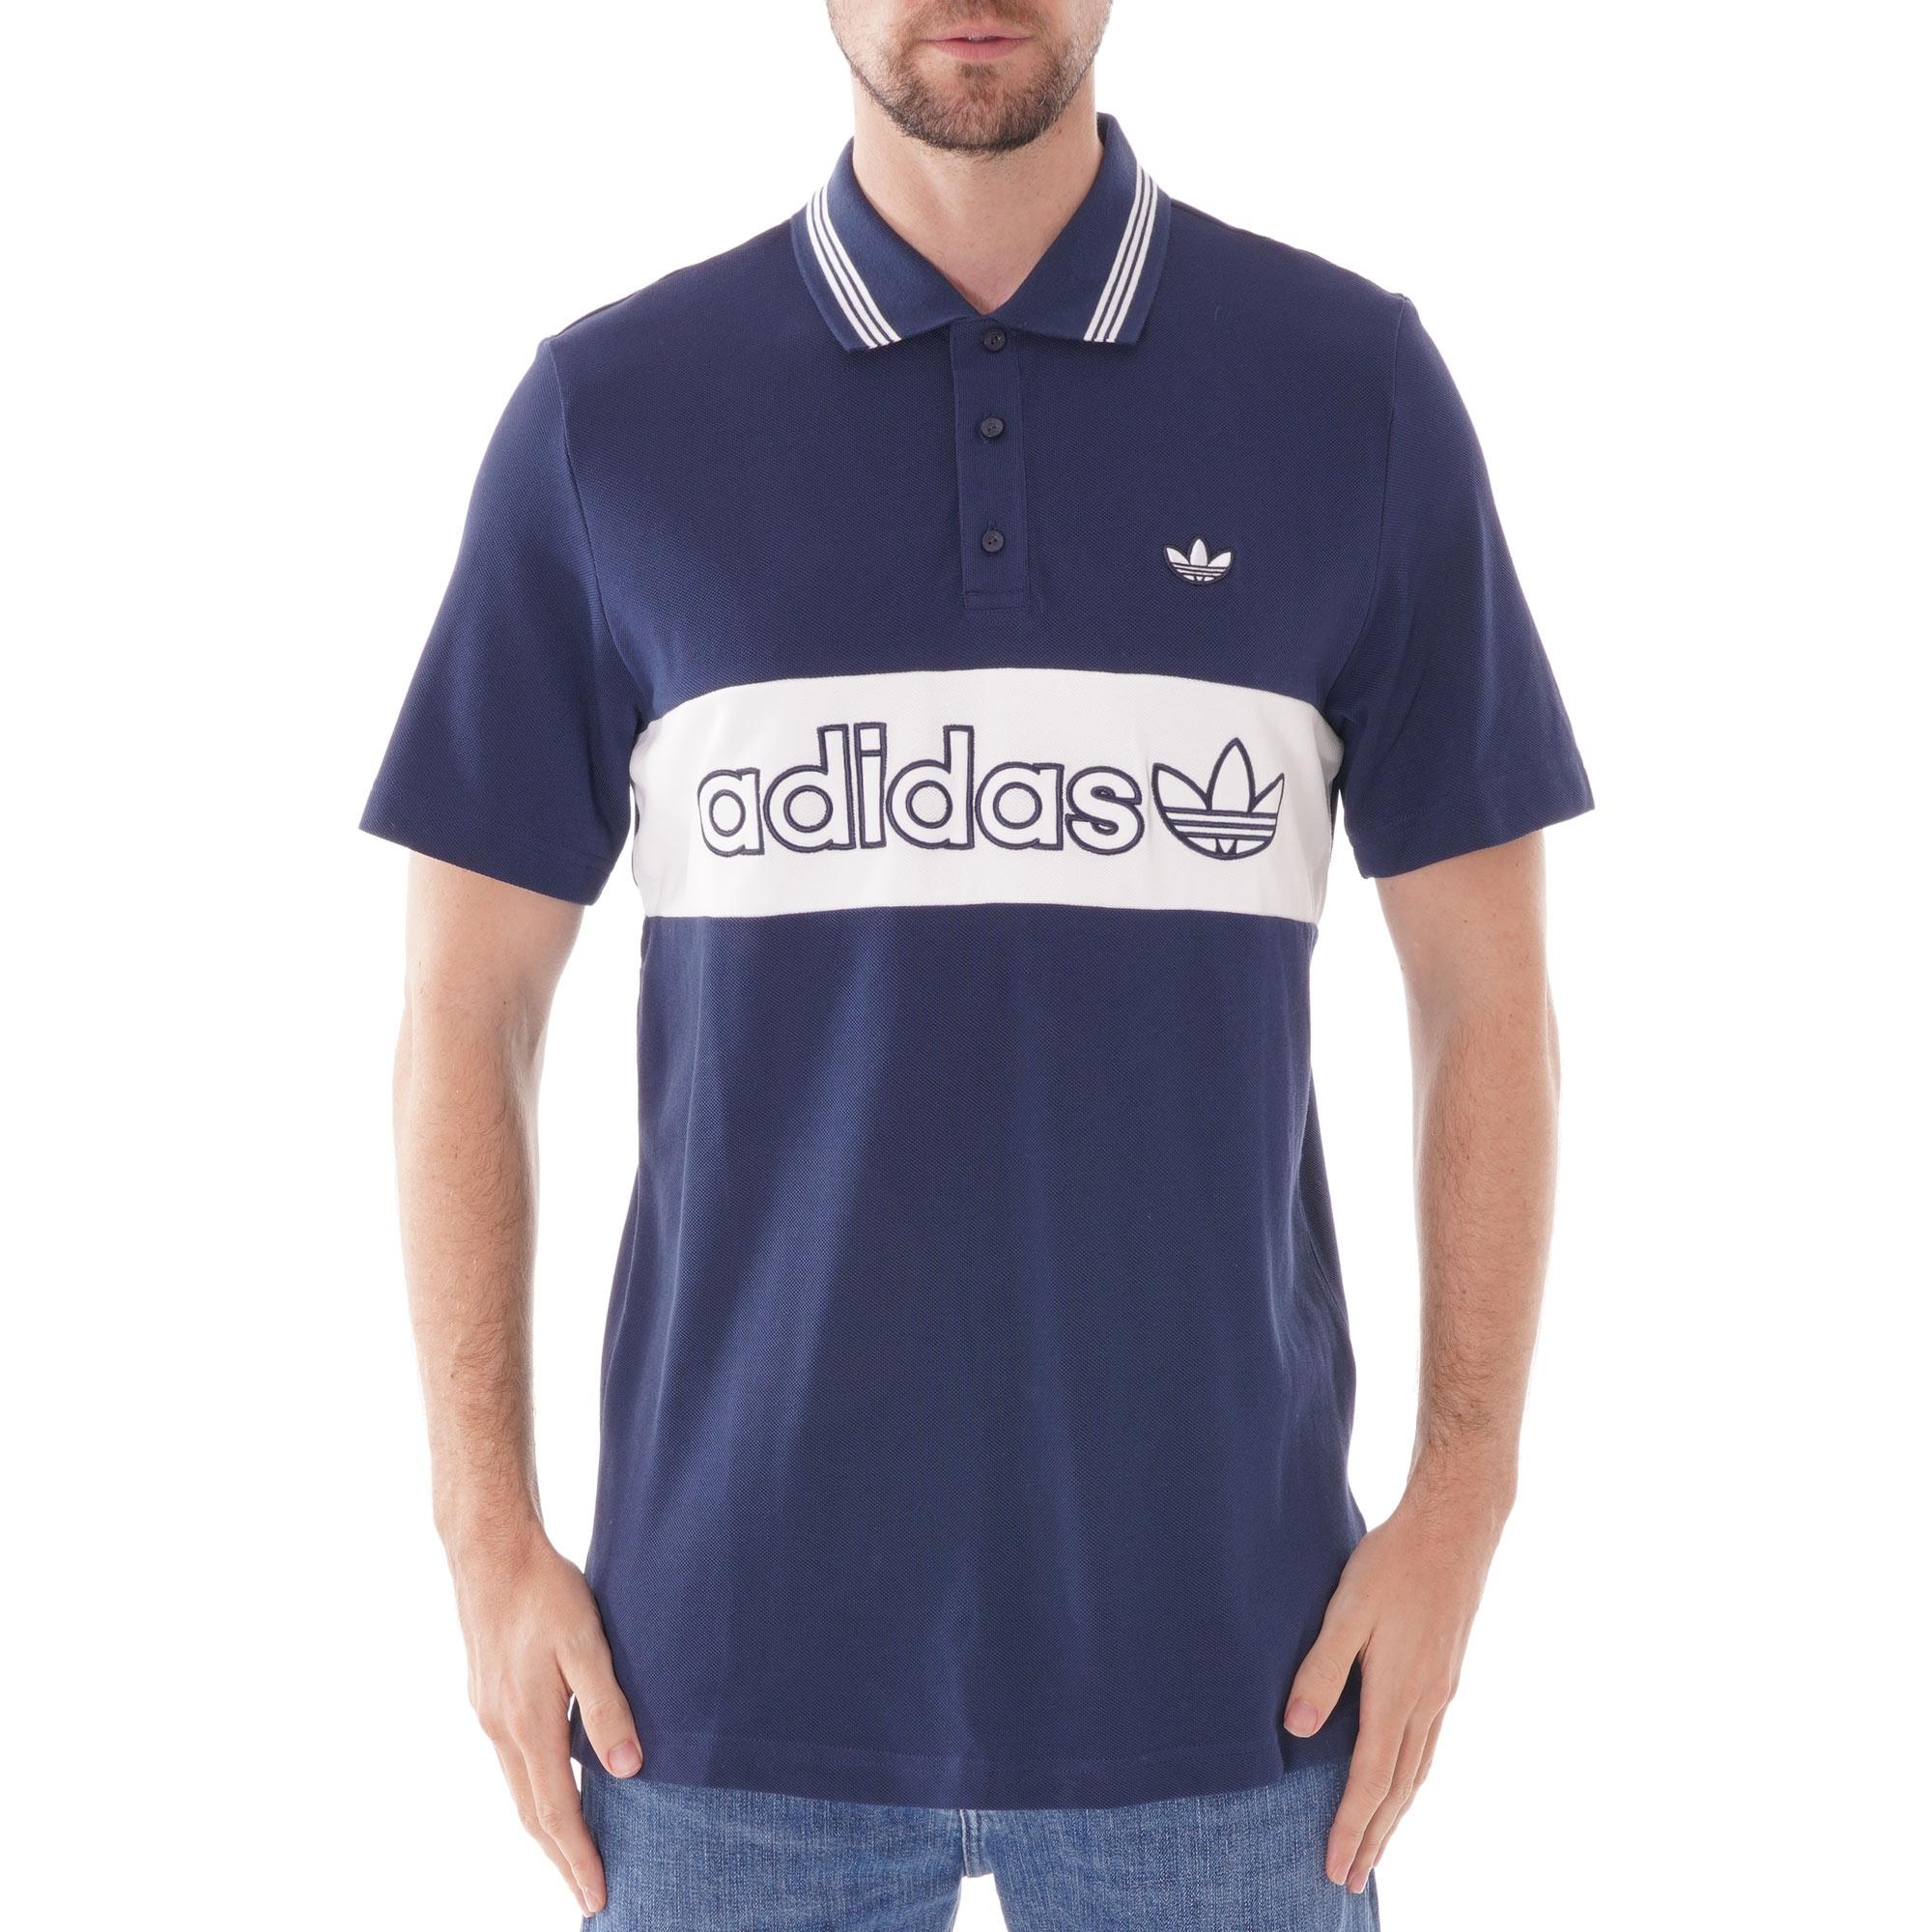 adidas originals polo shirts